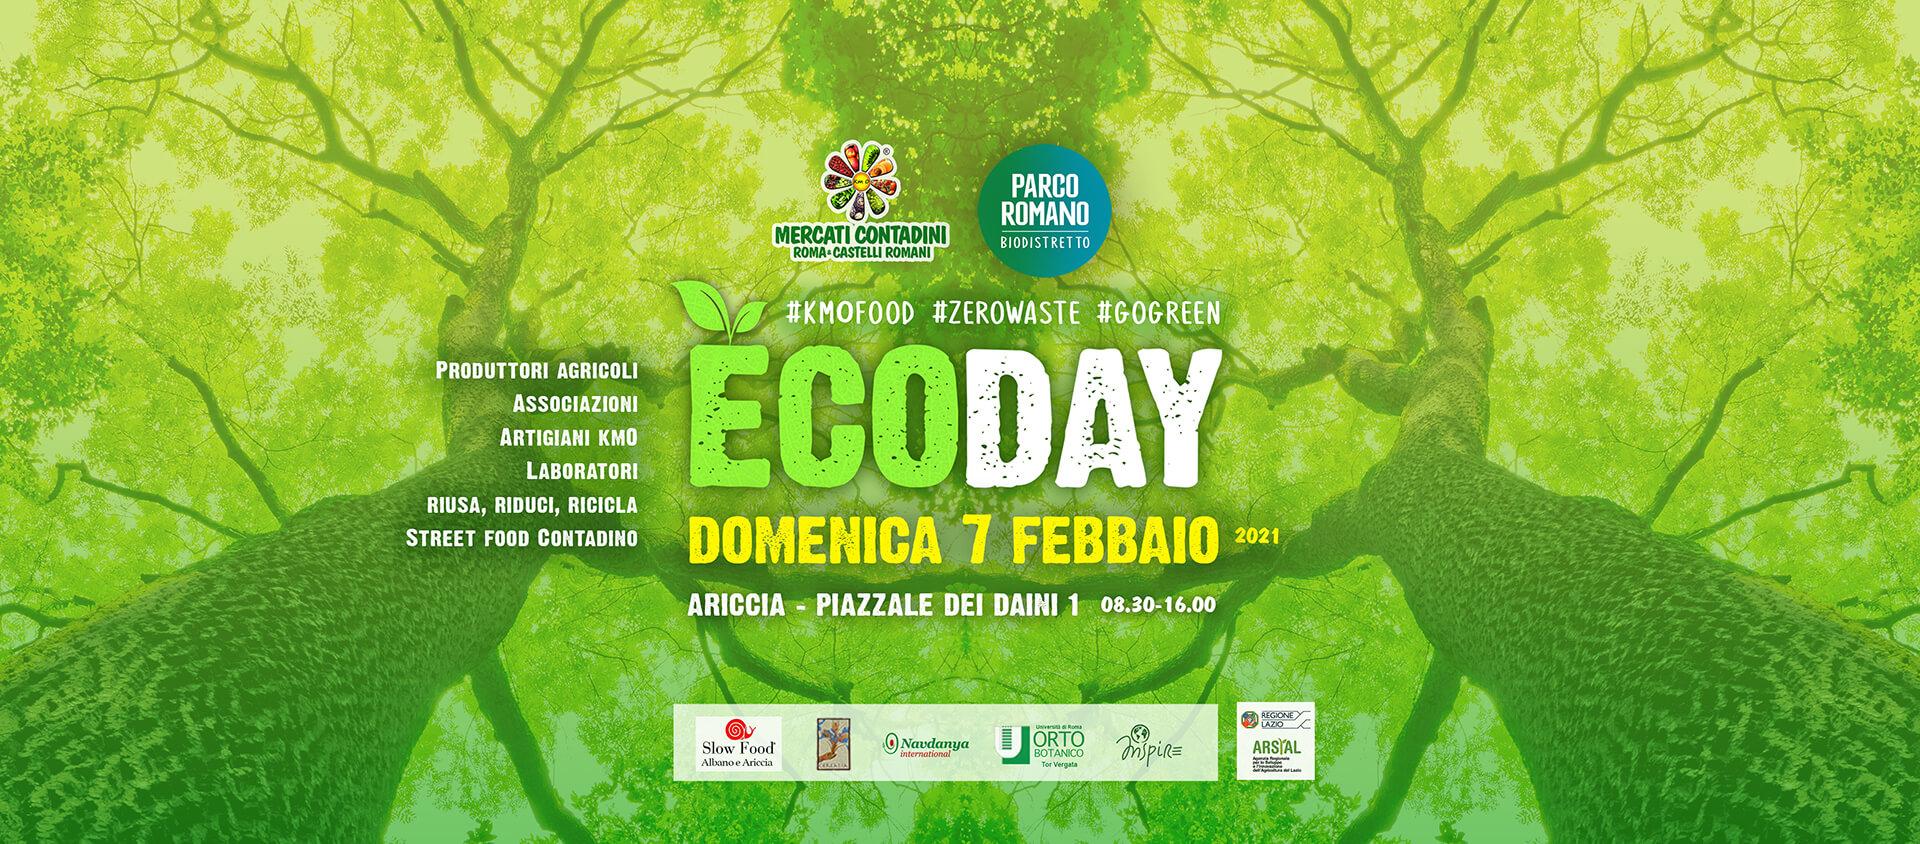 ecoday mercato contadino farmer market 2021